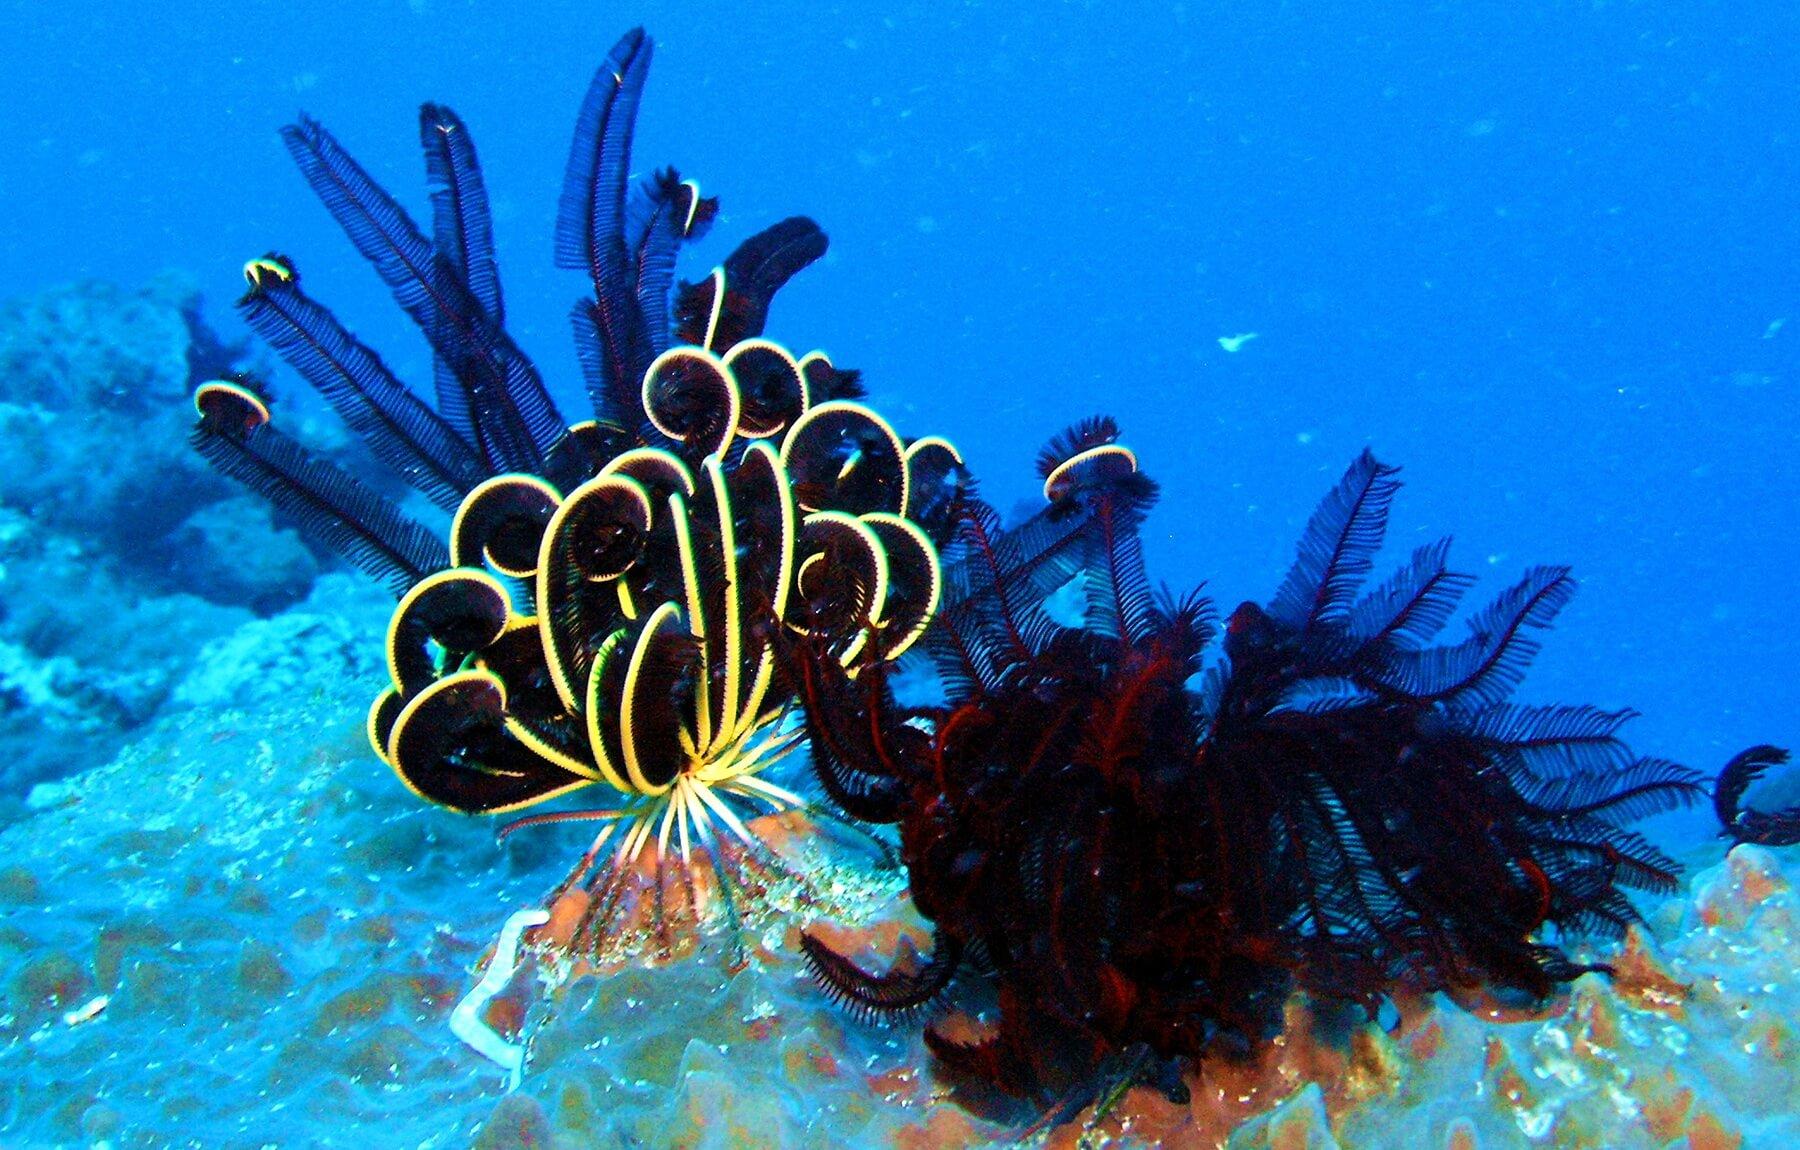 Die Gewässer rund um Bali sind für ihre hervorragenden Tauchplätze mit einzigartiger und farbenprächtiger Artenvielfalt bekannt.